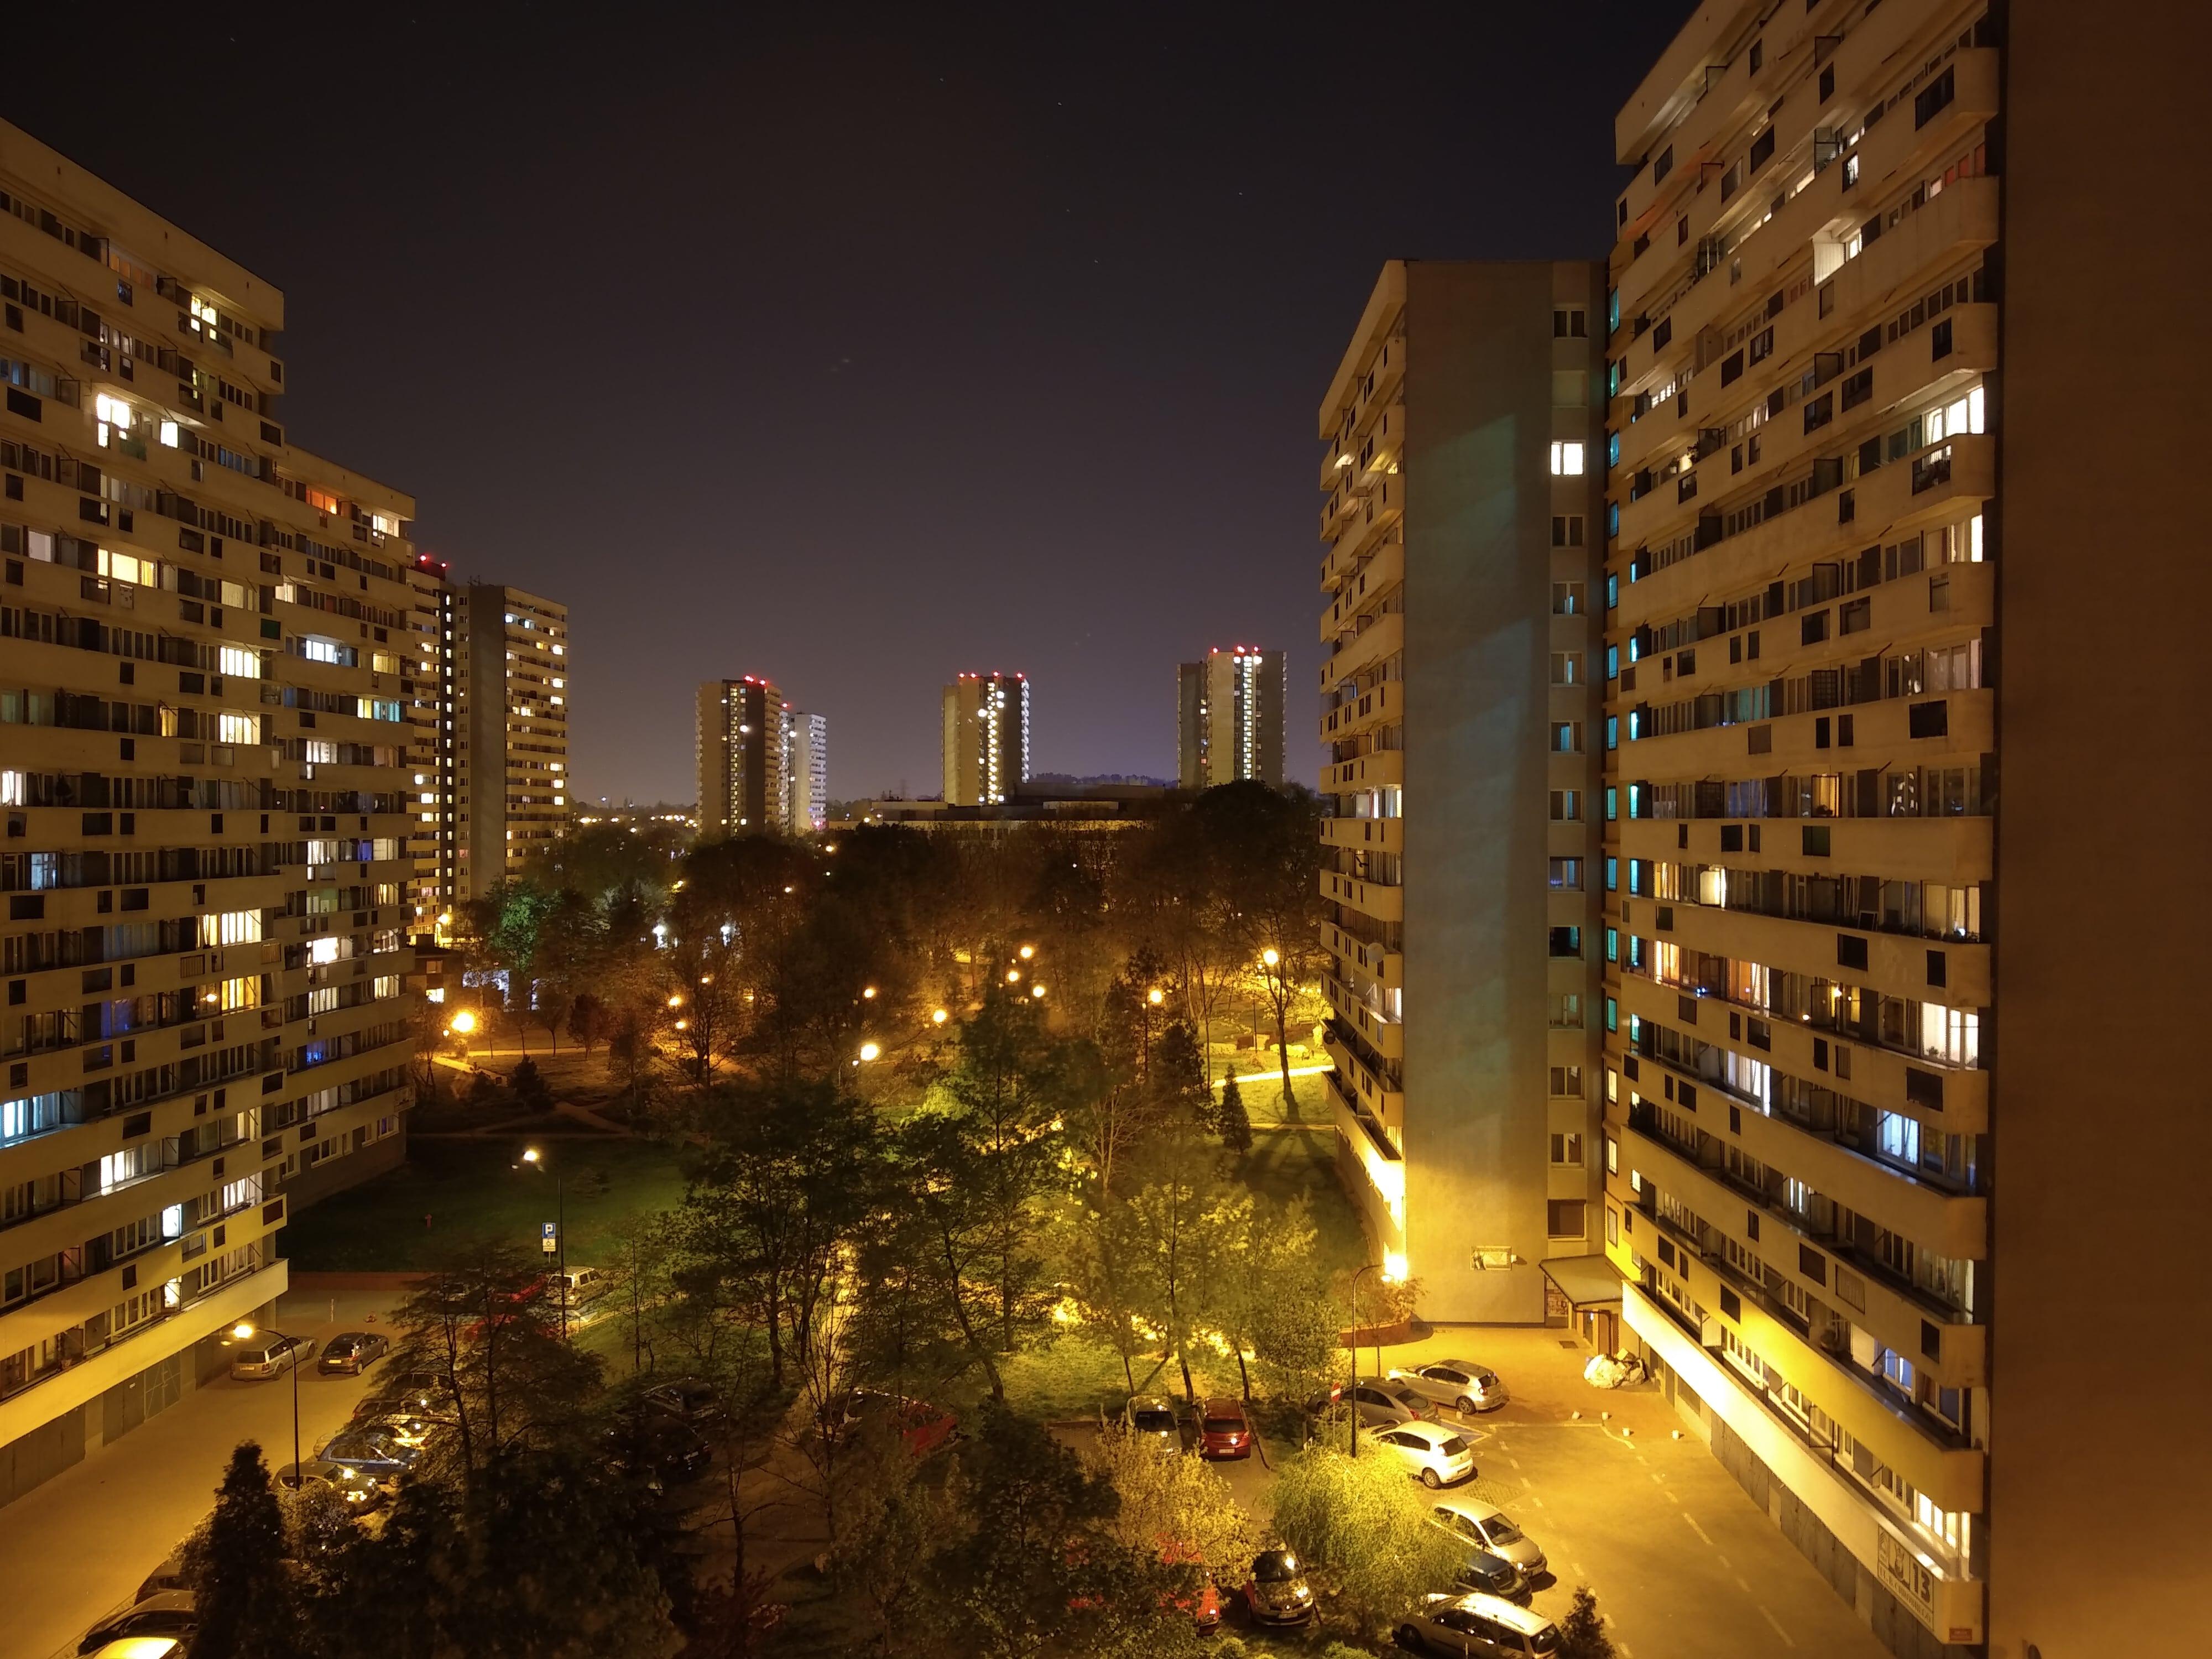 Zdjęcia nocne - Redmi 7